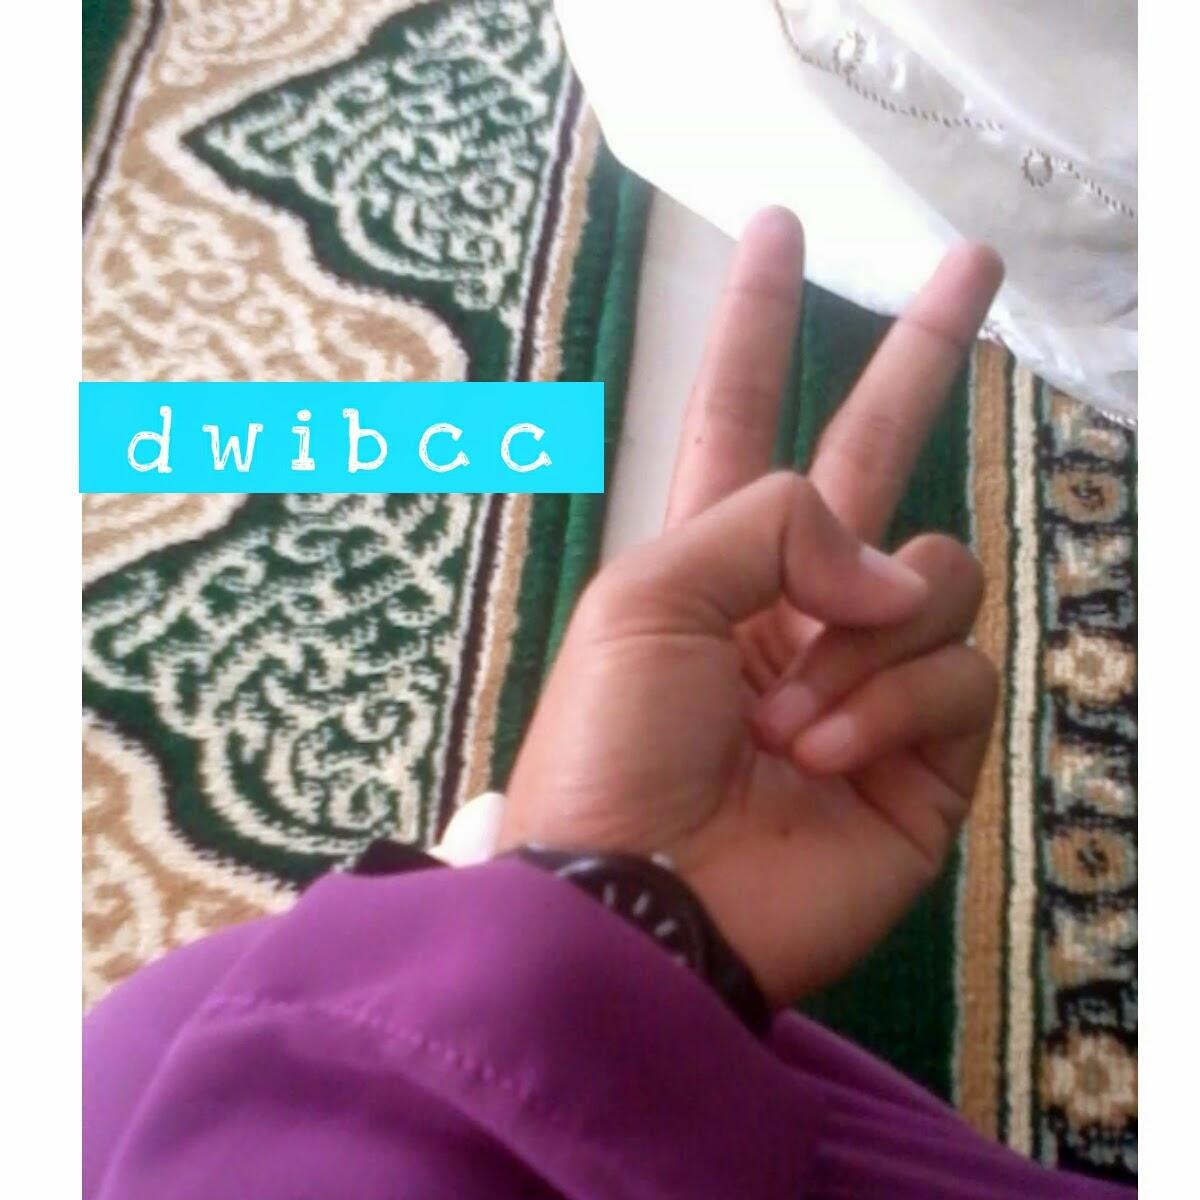 gamis dwibcc hijab syar'i